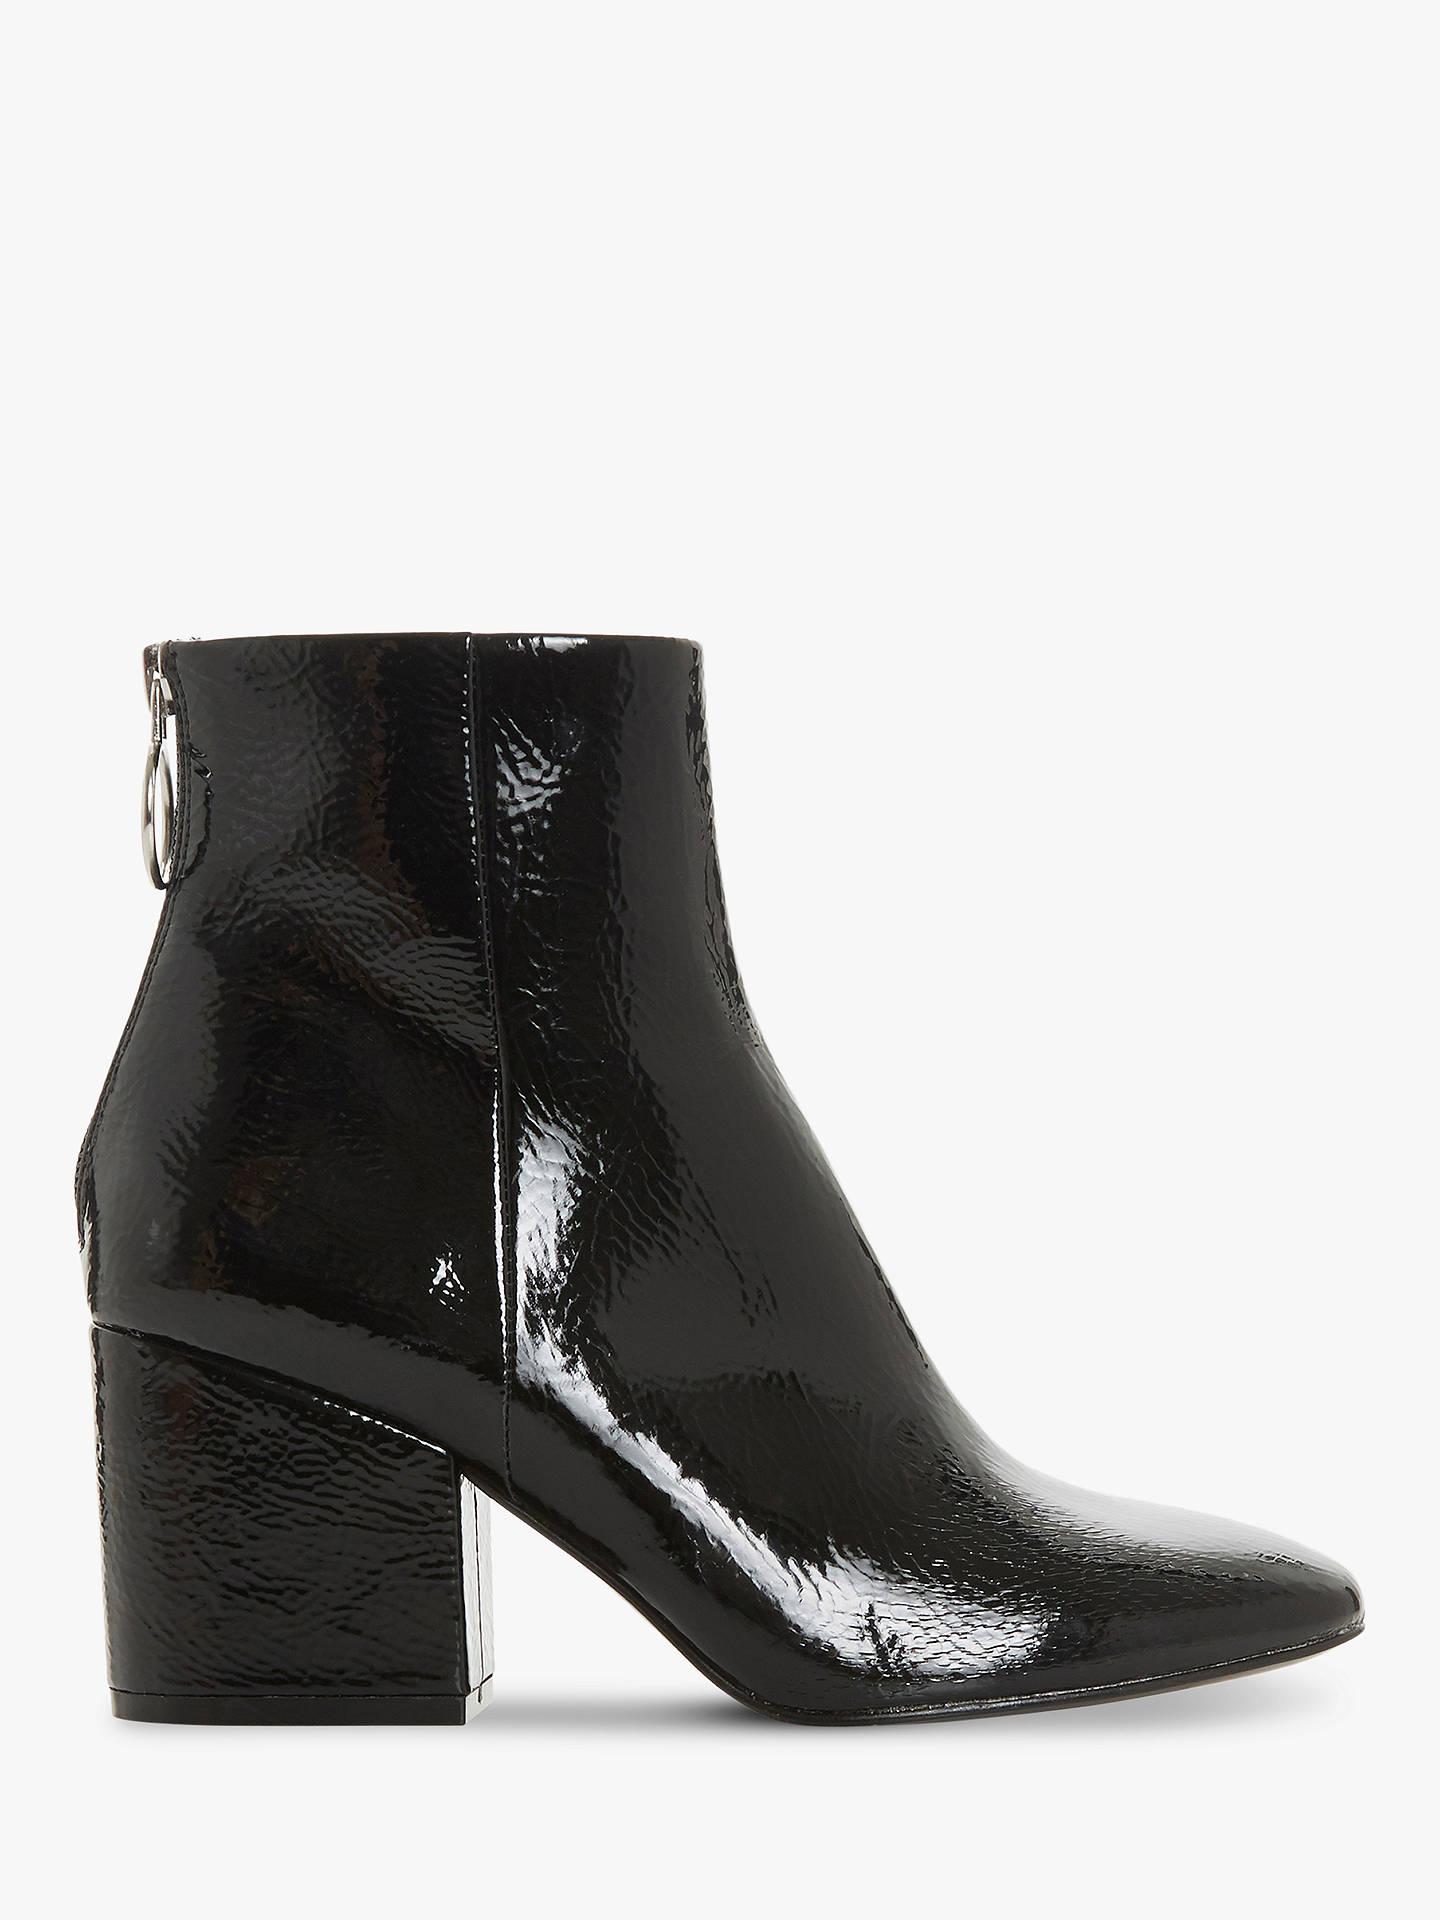 4da884f3773 Buy Steve Madden Break O-Ring Patent Block Heel Ankle Boots, Black, 3 ...